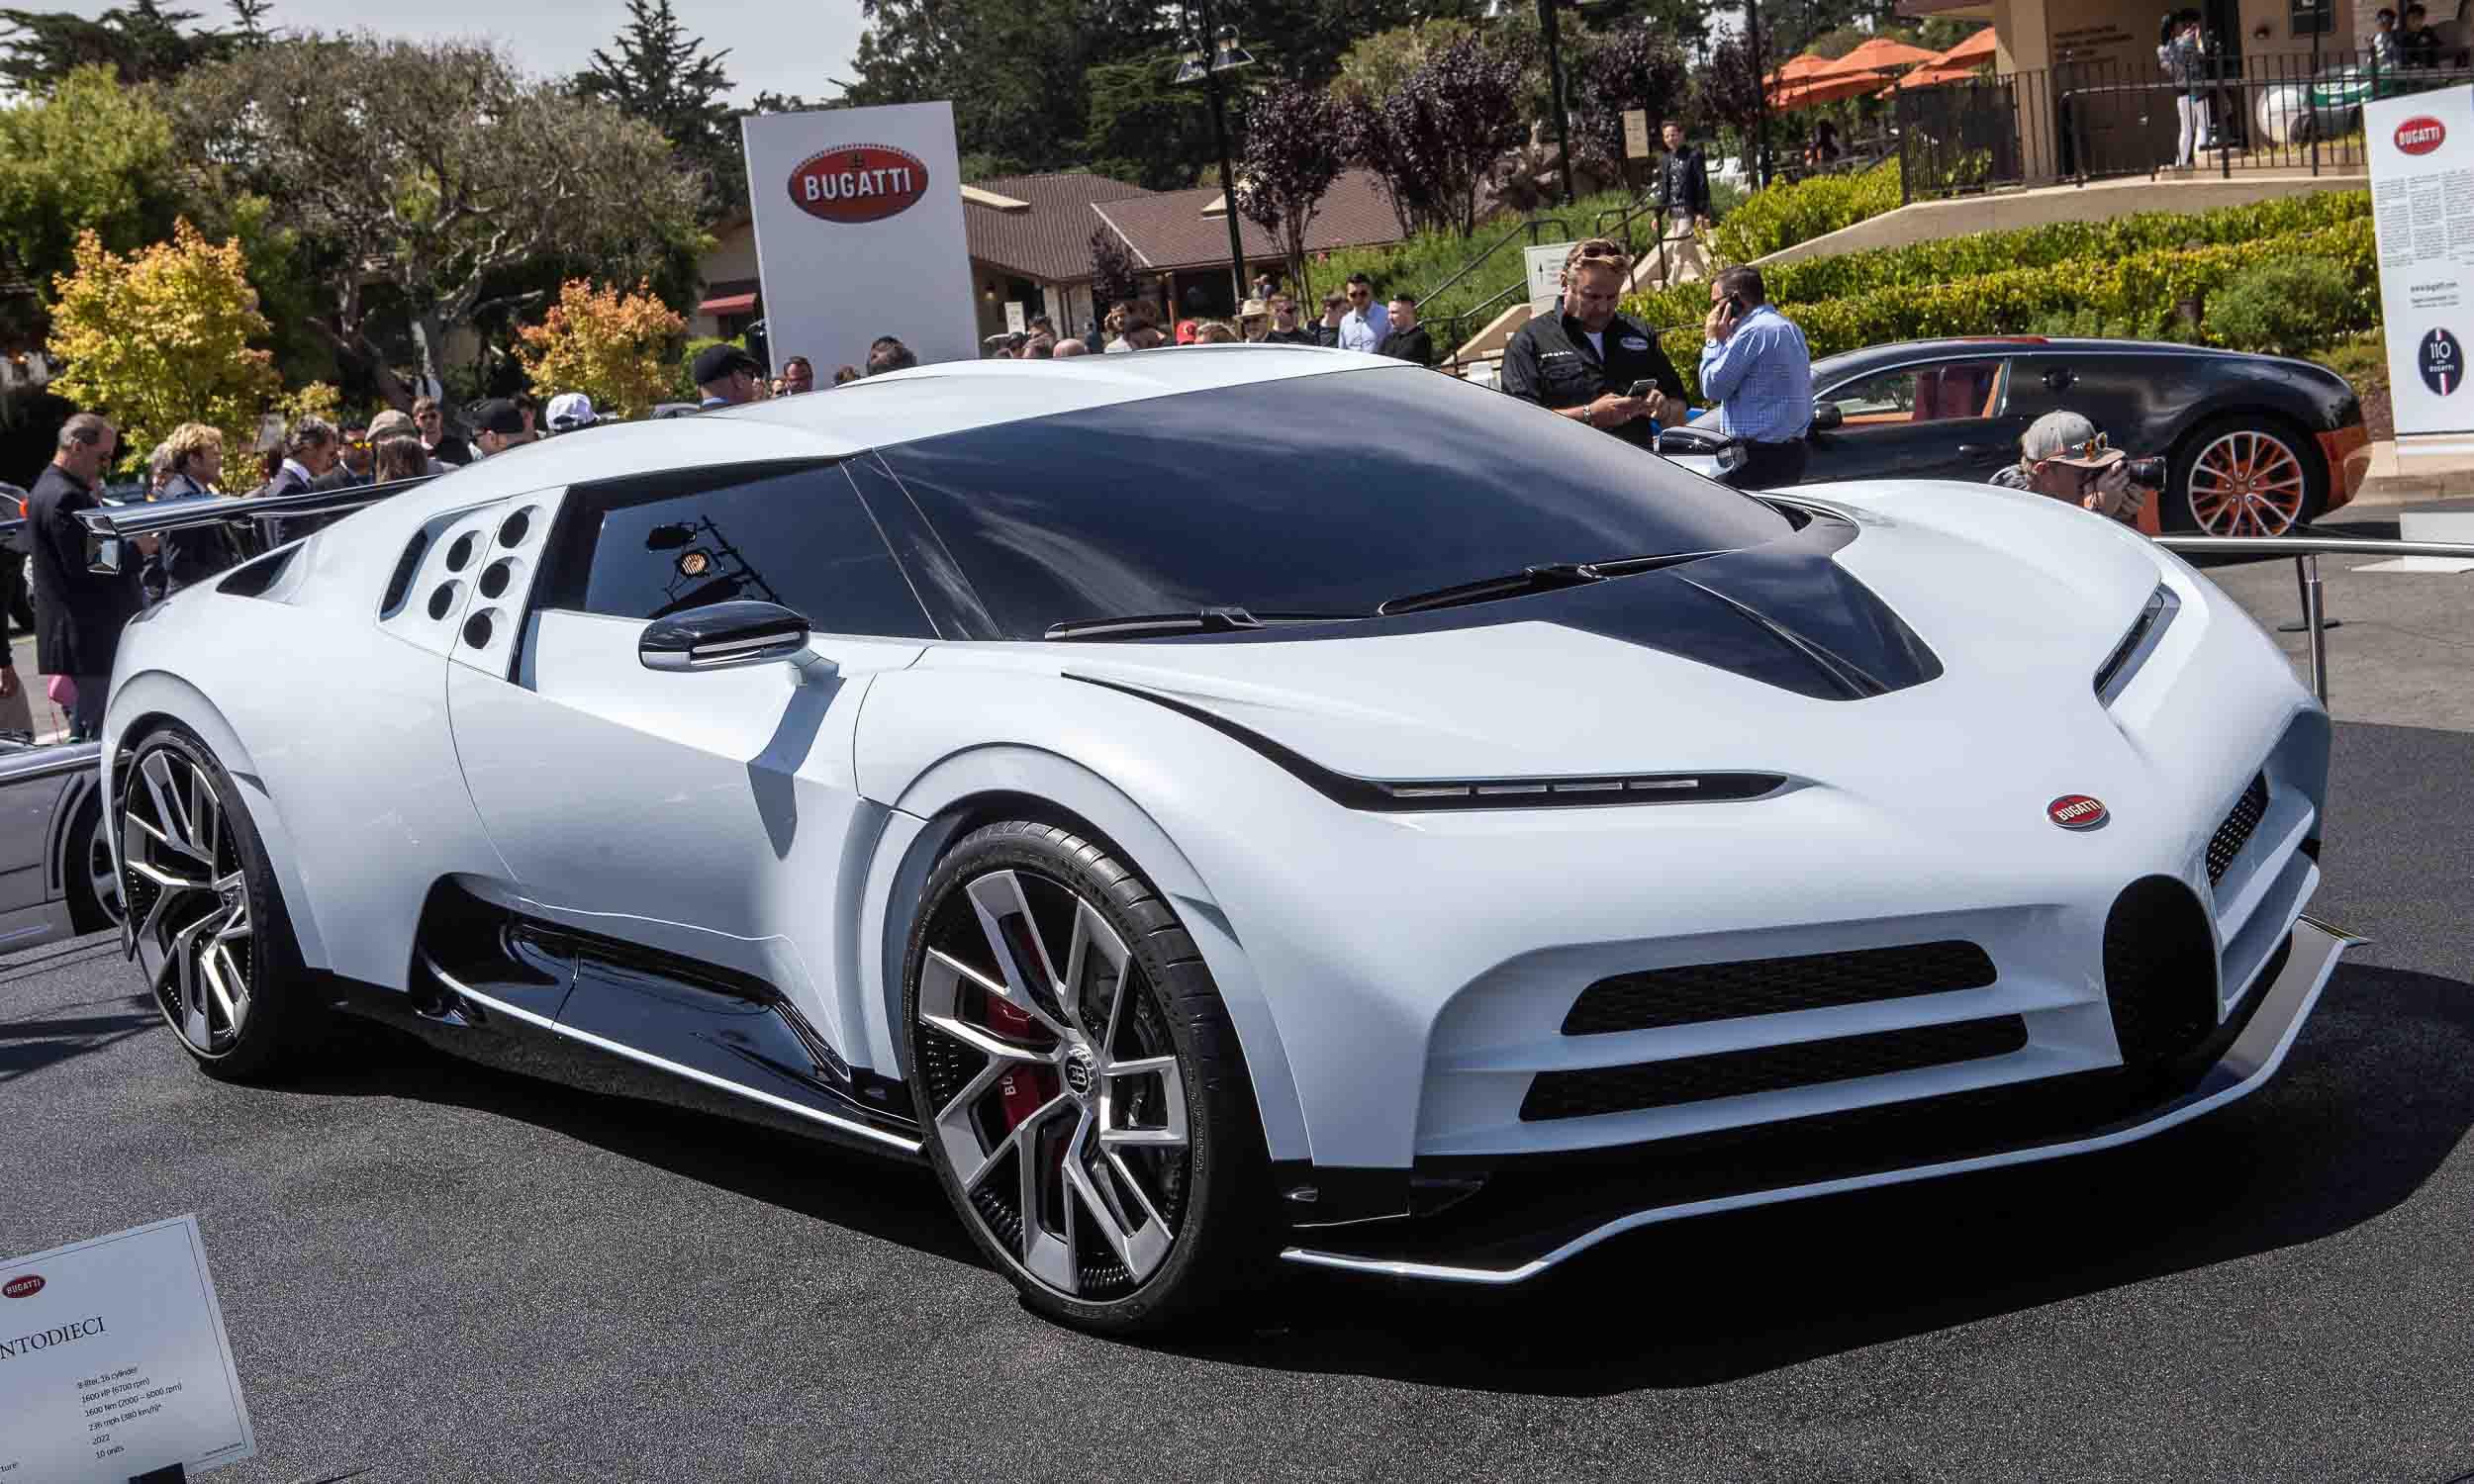 2019 Pebble Beach Concours: Bugatti Centodieci